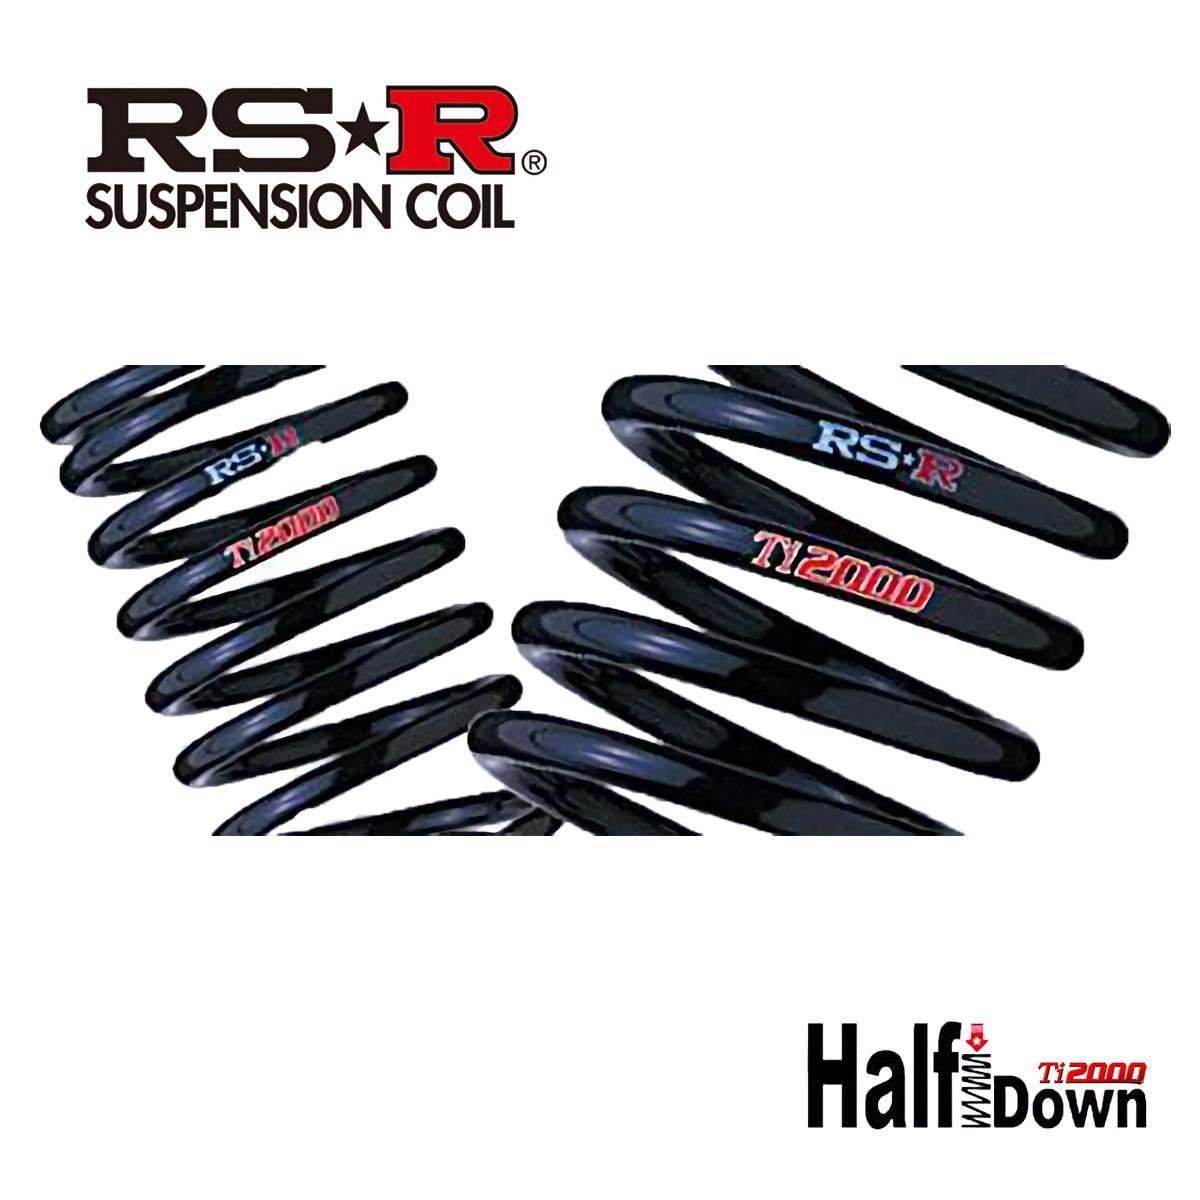 RS-R ミラトコット LA550S X SA3 ダウンサス スプリング リア D303THDR Ti2000 ハーフダウン RSR 個人宅発送追金有